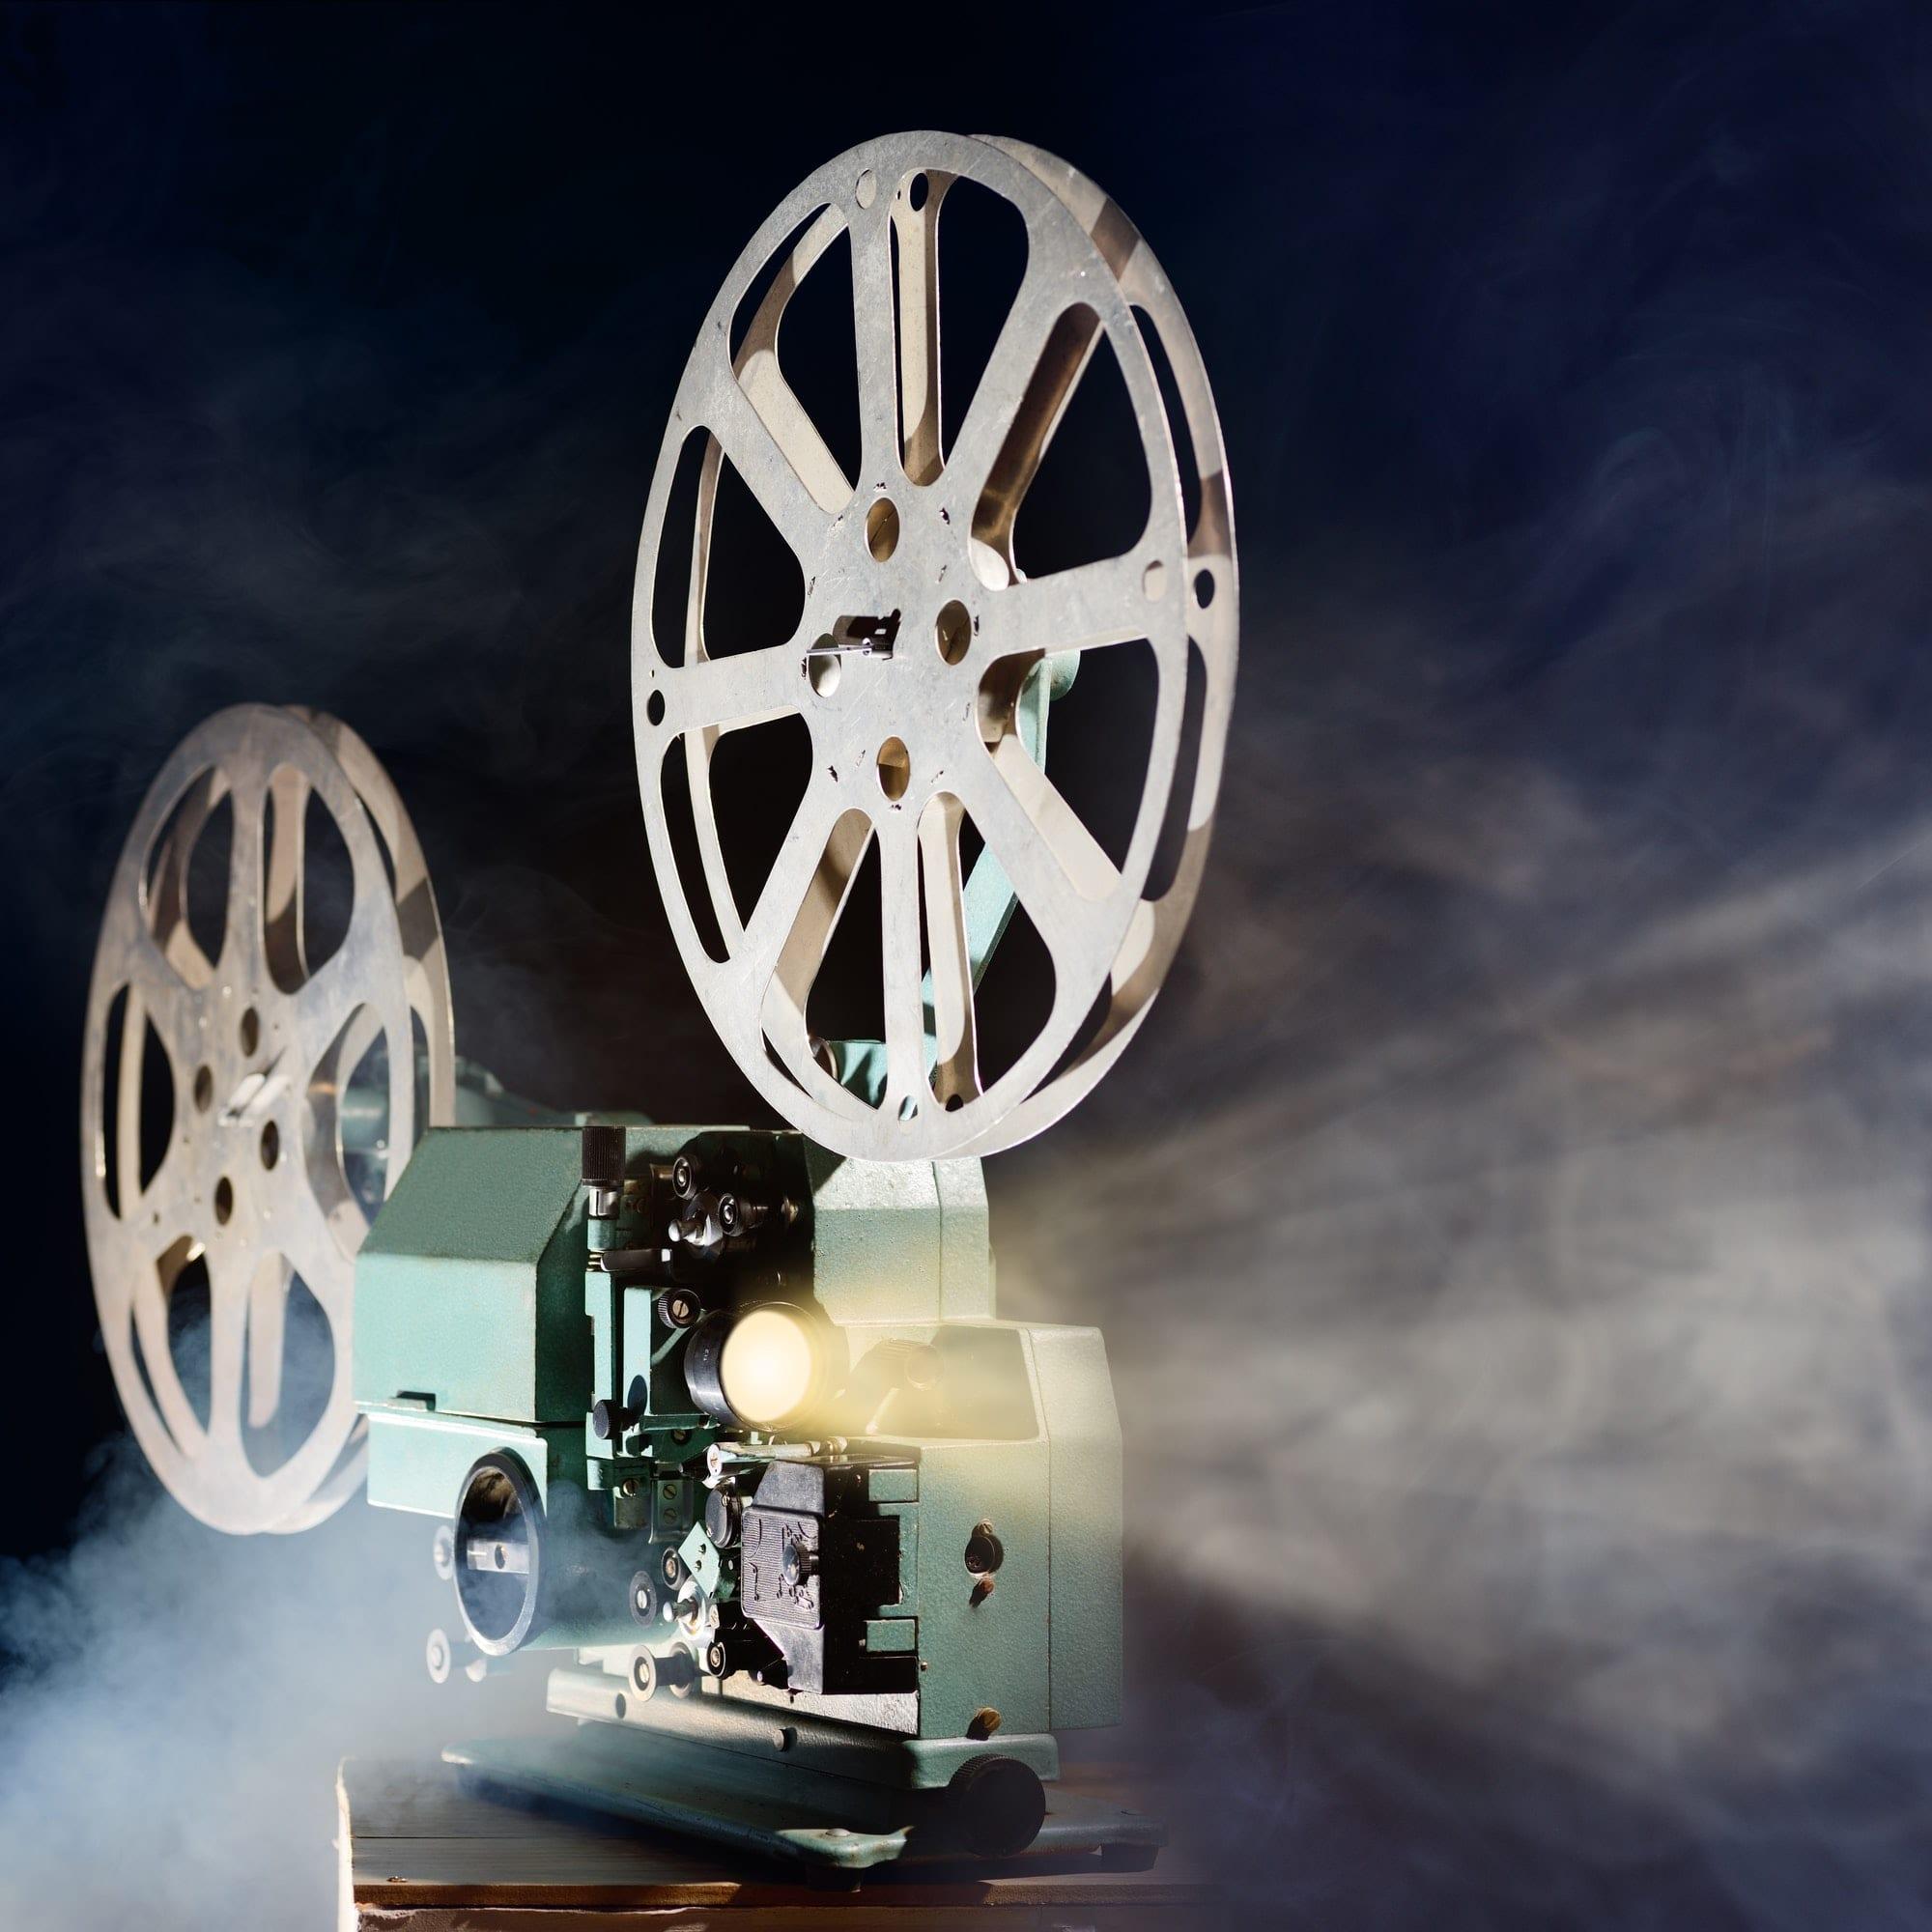 Retro movie projector